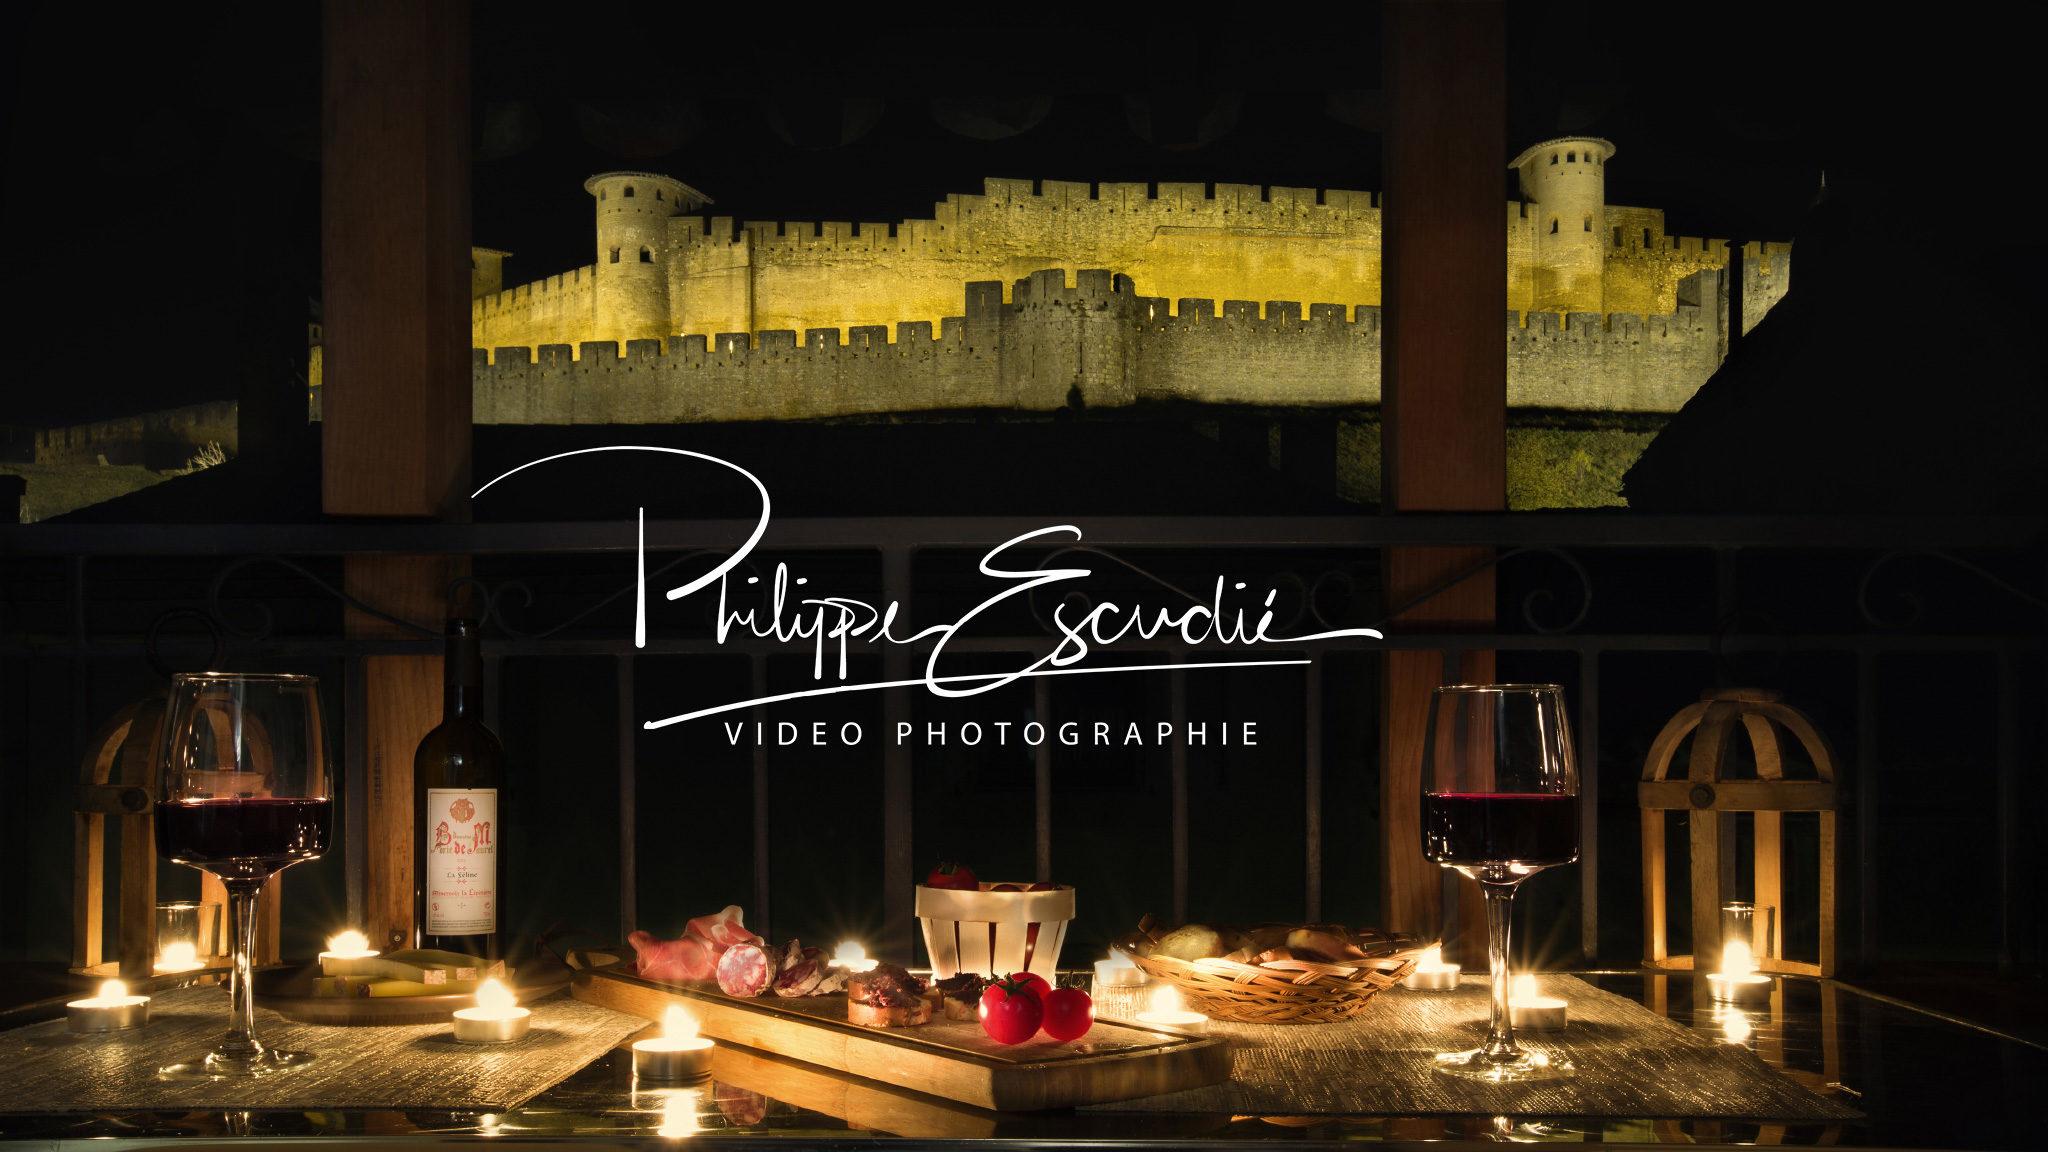 Ambiance apéritif de nuit sur une terrasse d'appartement, vin, charcuterie, bougie et la Cité de Carcassonne comme décor.